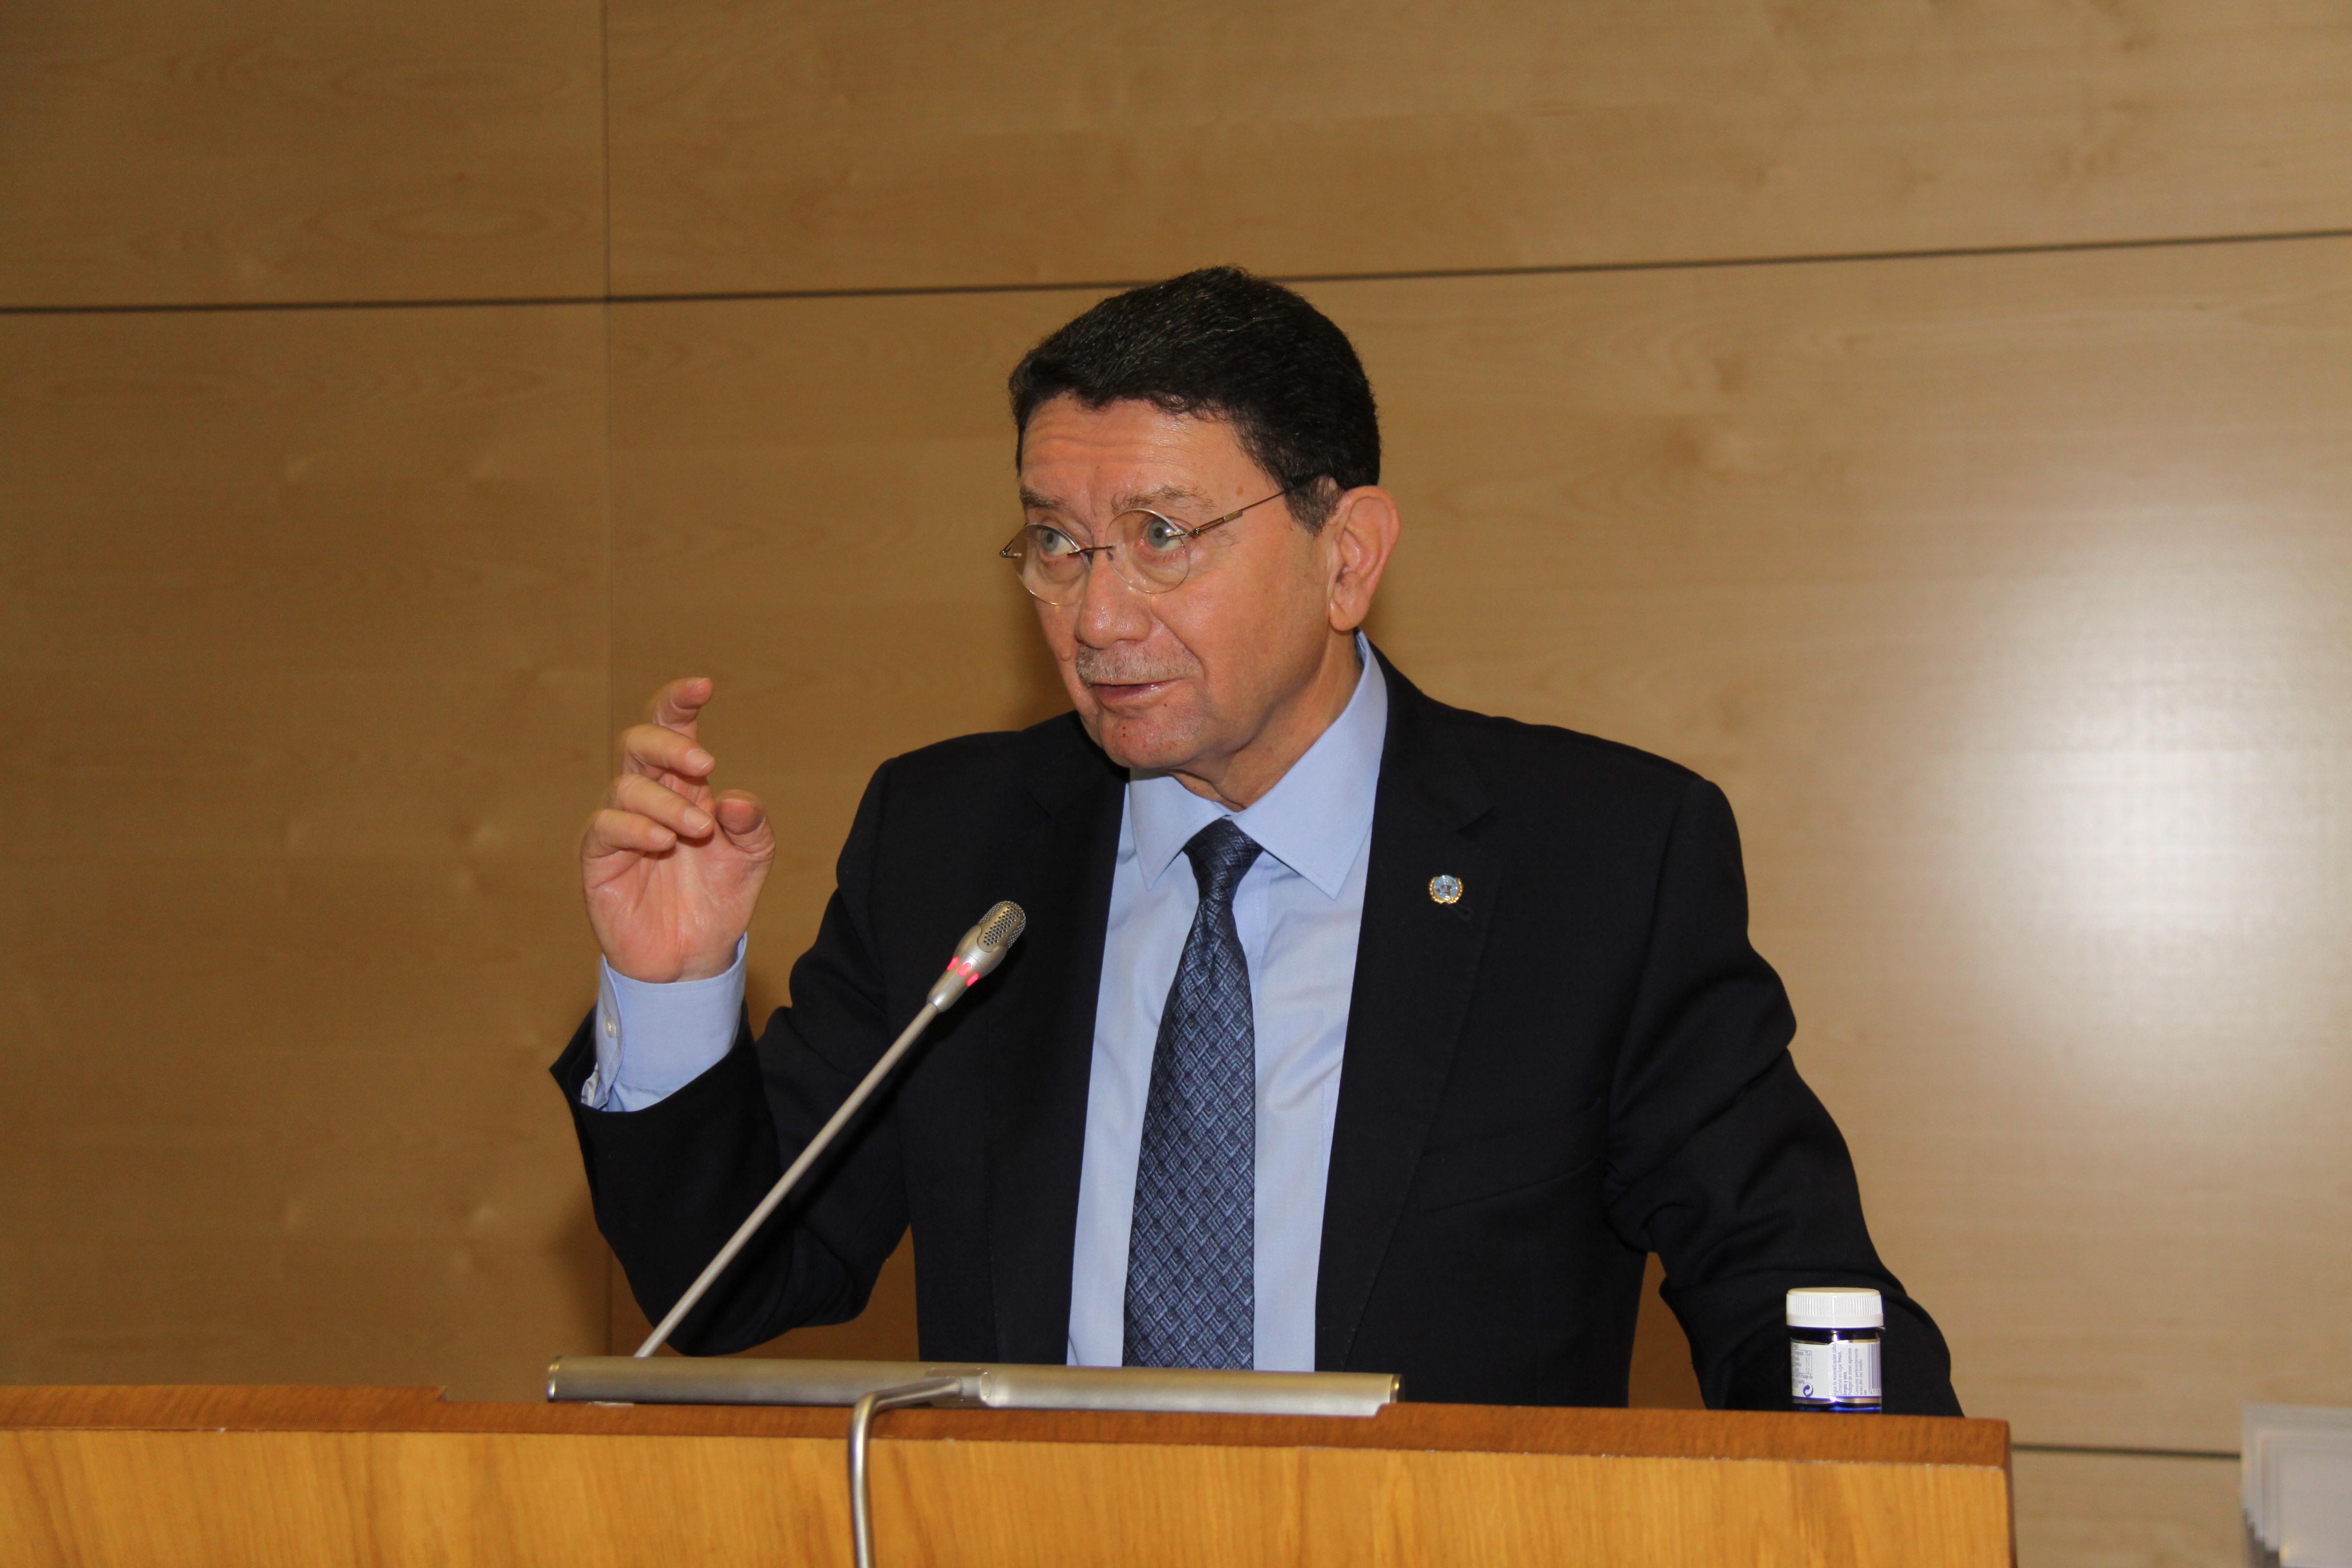 La Organización Mundial del Turismo y la Organización Internacional del Trabajo debatieron las condiciones laborales del sector